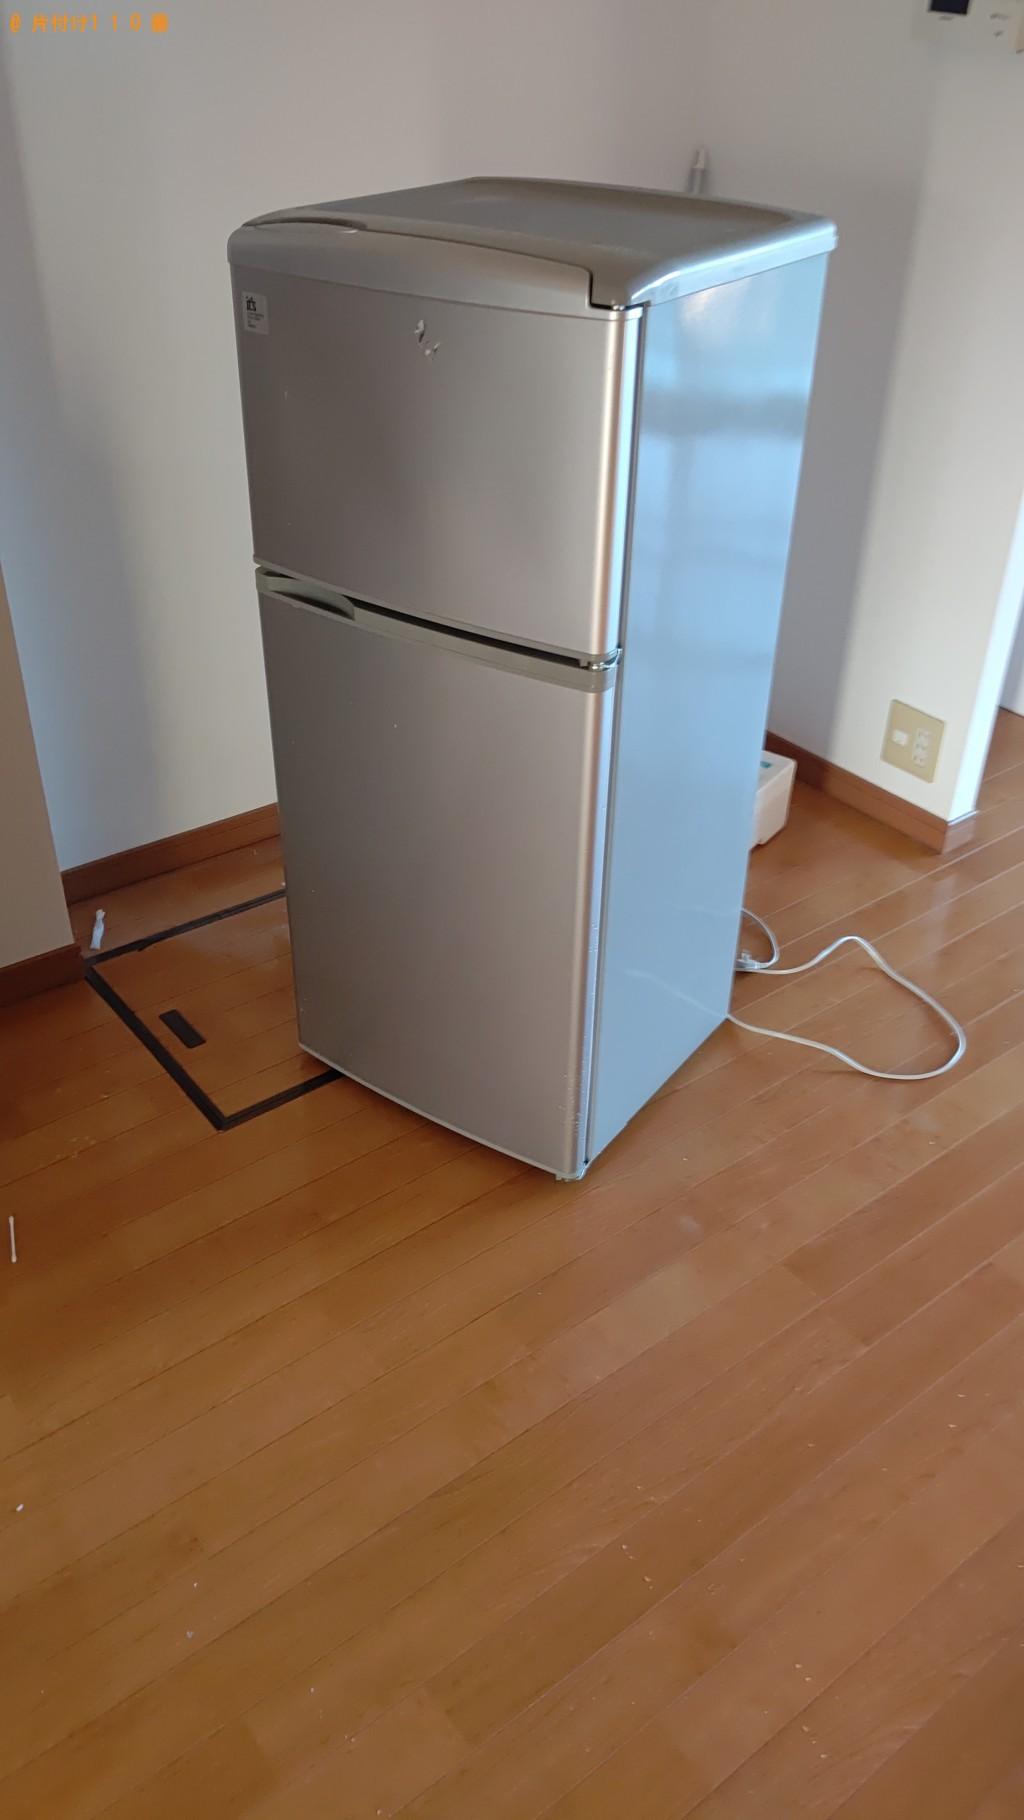 【北見市】冷蔵庫、洗濯機、ガスコンロの回収・処分ご依頼